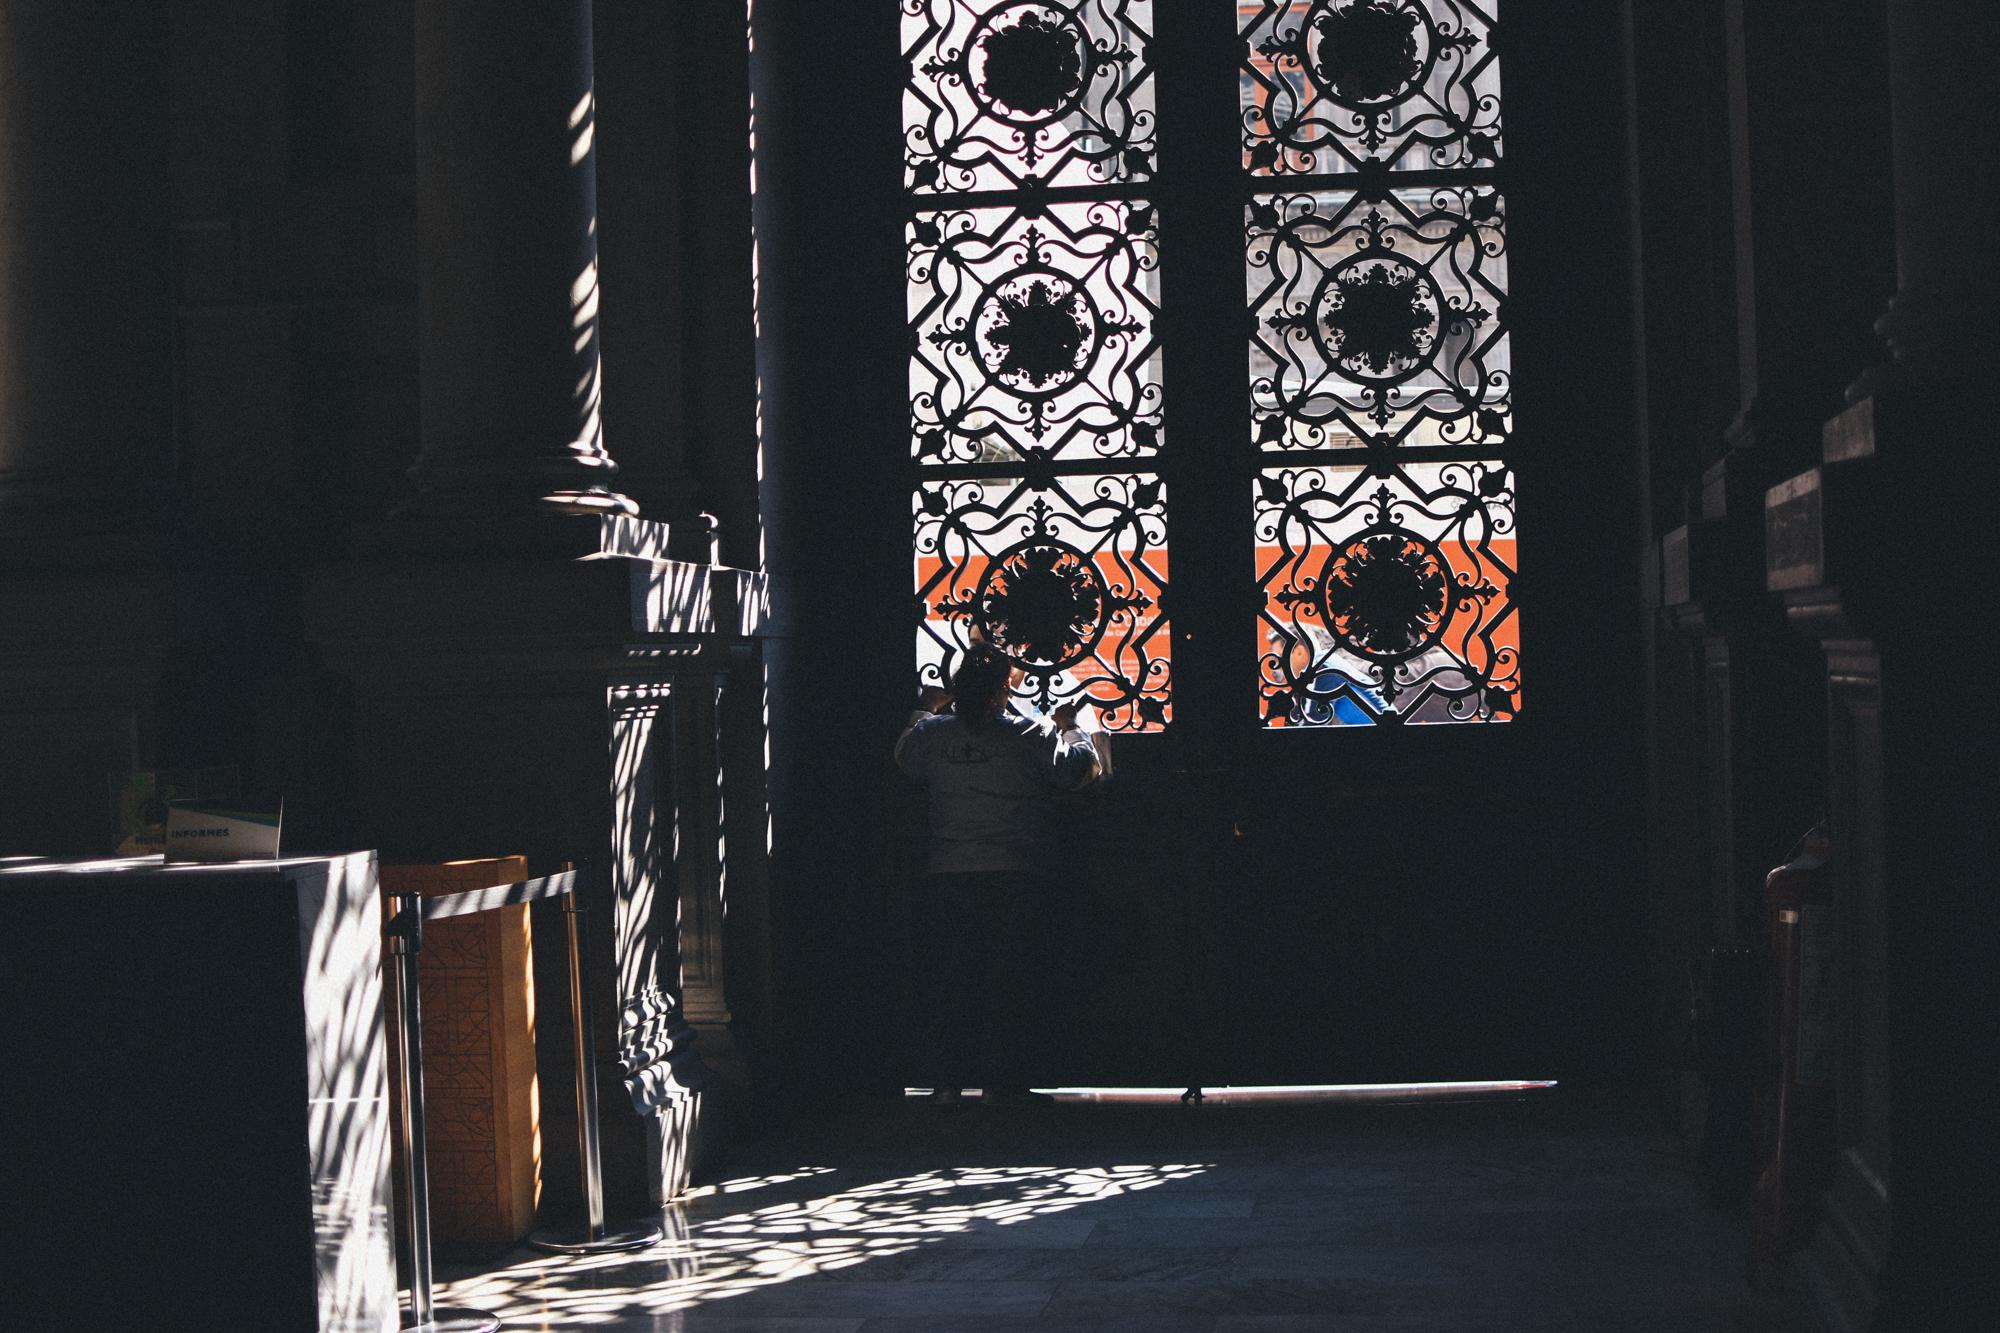 Kyle Studstill_photojournal_travel_Mexico City-51.jpg